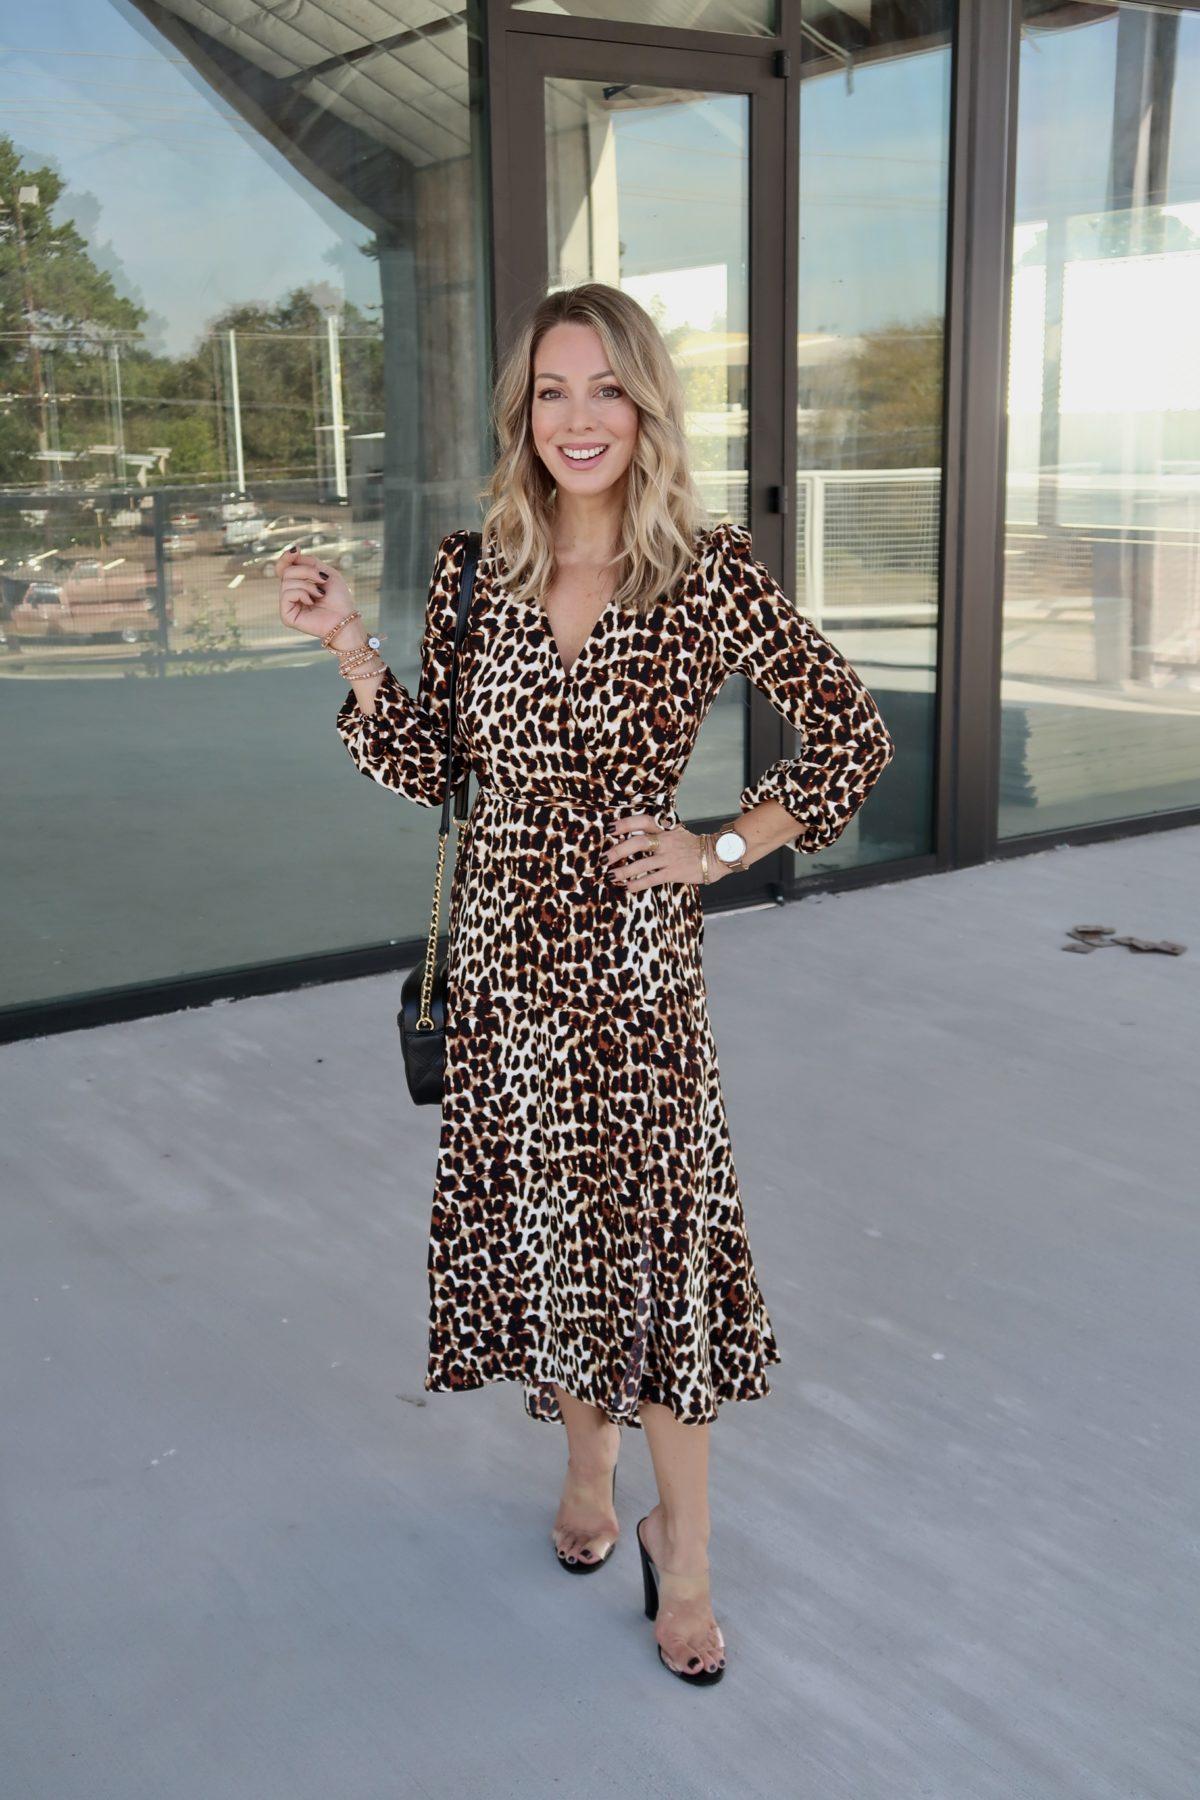 Walmart Fashion Finds, Leopard Dress, Clear Heels